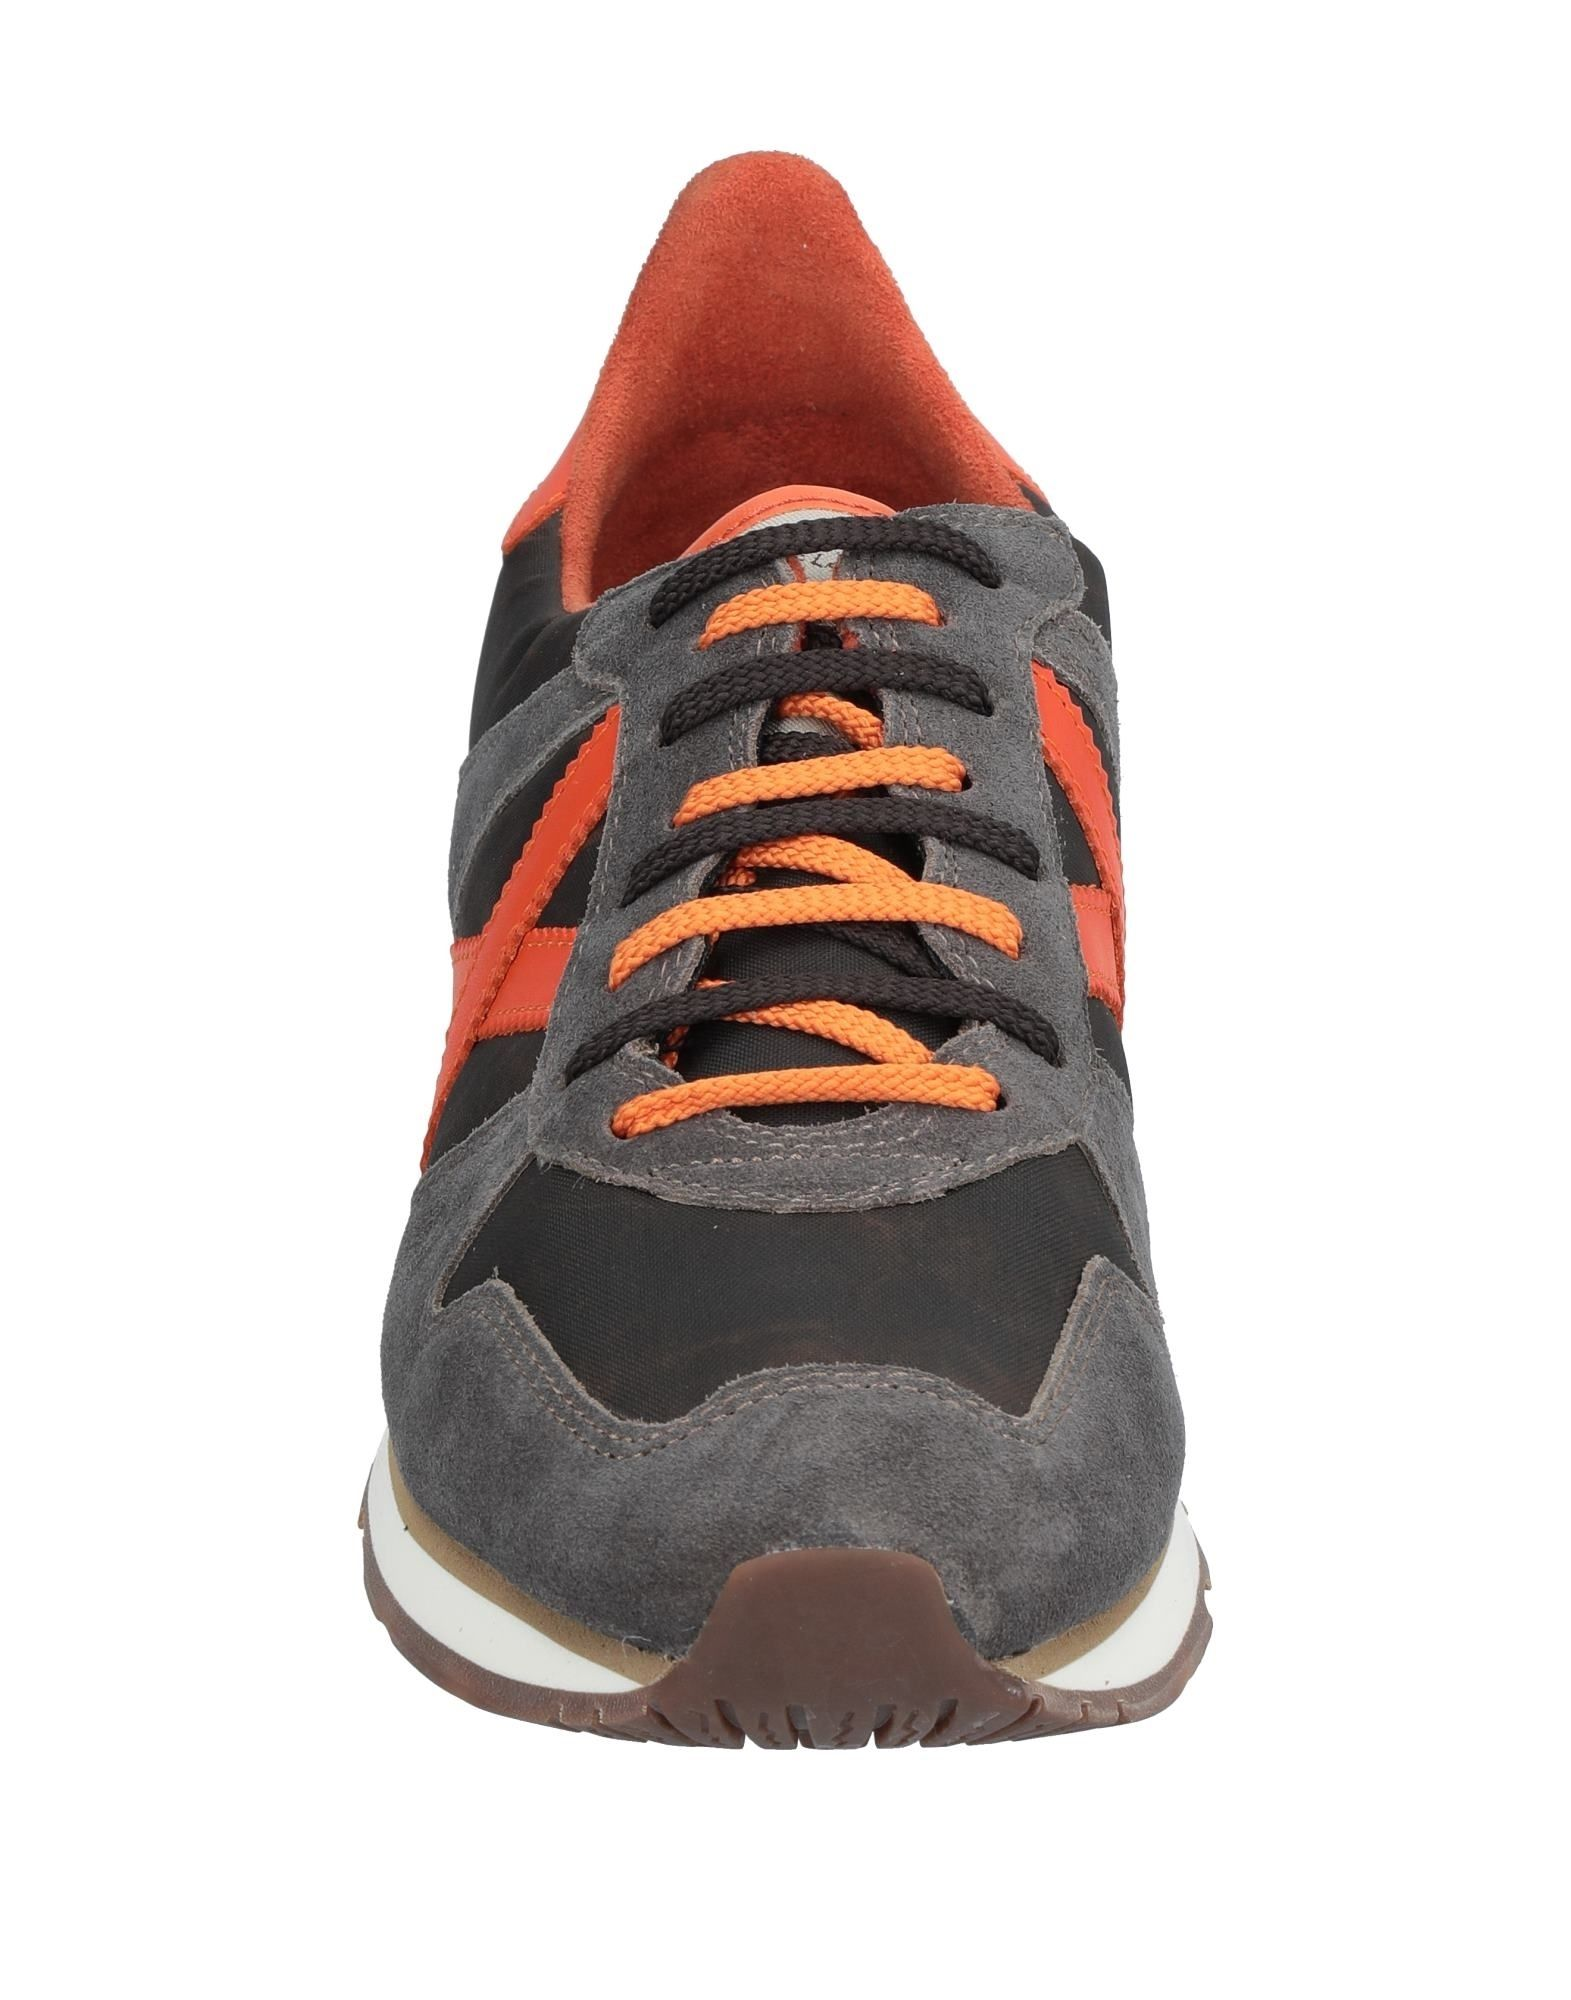 Rabatt Herren echte Schuhe Munich Sneakers Herren Rabatt  11536870BR f13df1